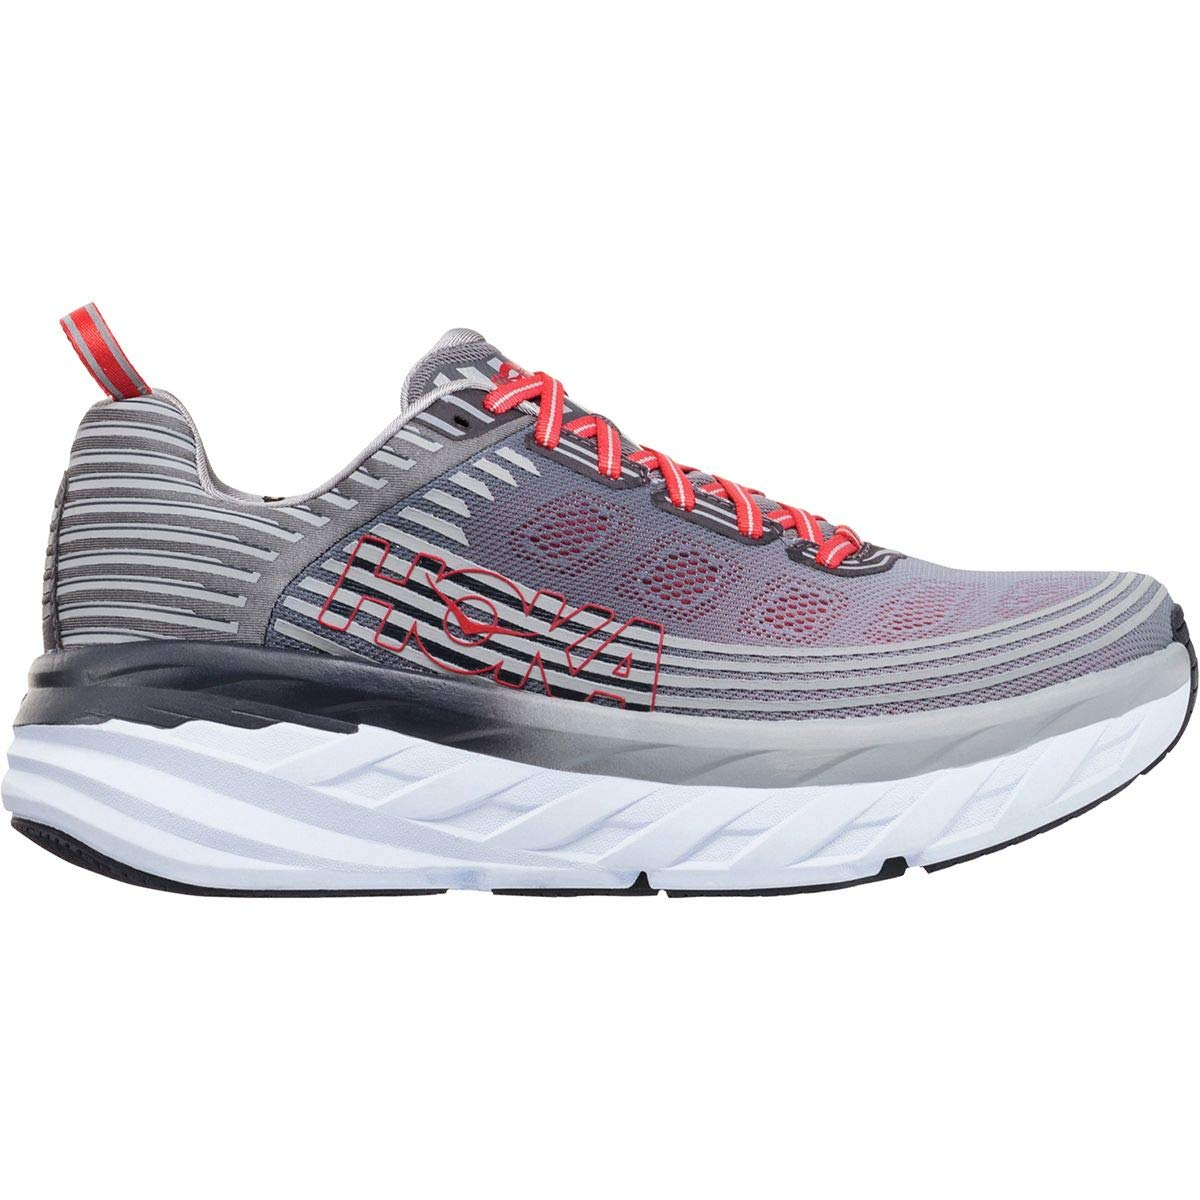 値頃 [ホッカオネオネ] メンズ ランニング Bondi Shoe 6 Bondi Running Shoe ランニング [並行輸入品] B07JYWXD42 9.5, パラニーニョ フォーマルスタイル:0196478d --- ecofriendlycarrybag.com